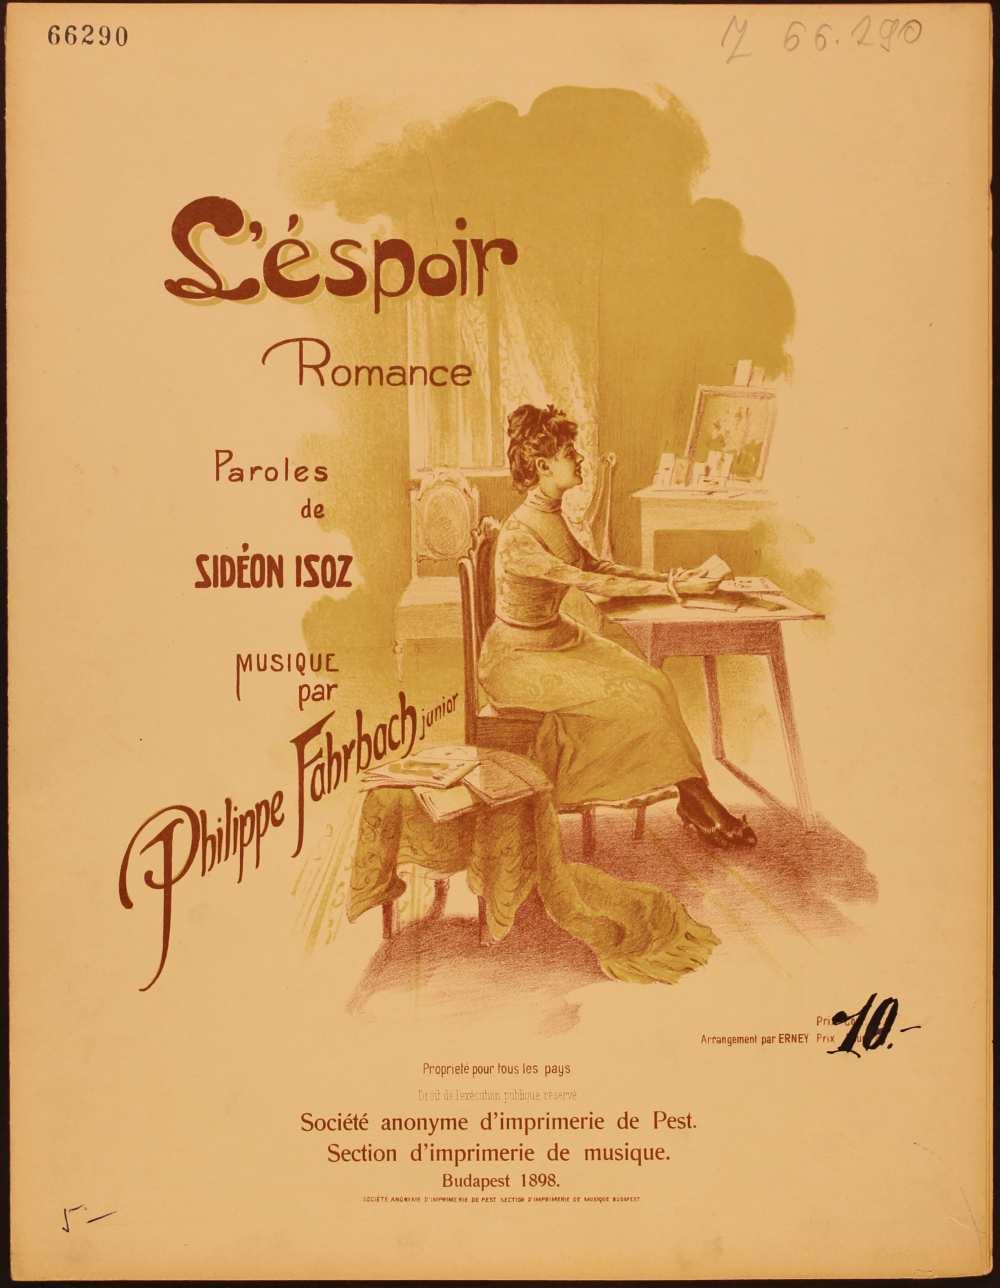 Philippe Farbach: L'éspoir. Romance. [Dal, ének-zongora. Szövege: Sideon Isoz-tól], Budapest, 1898. Borító. – Zeneműtár, Z. 66.290